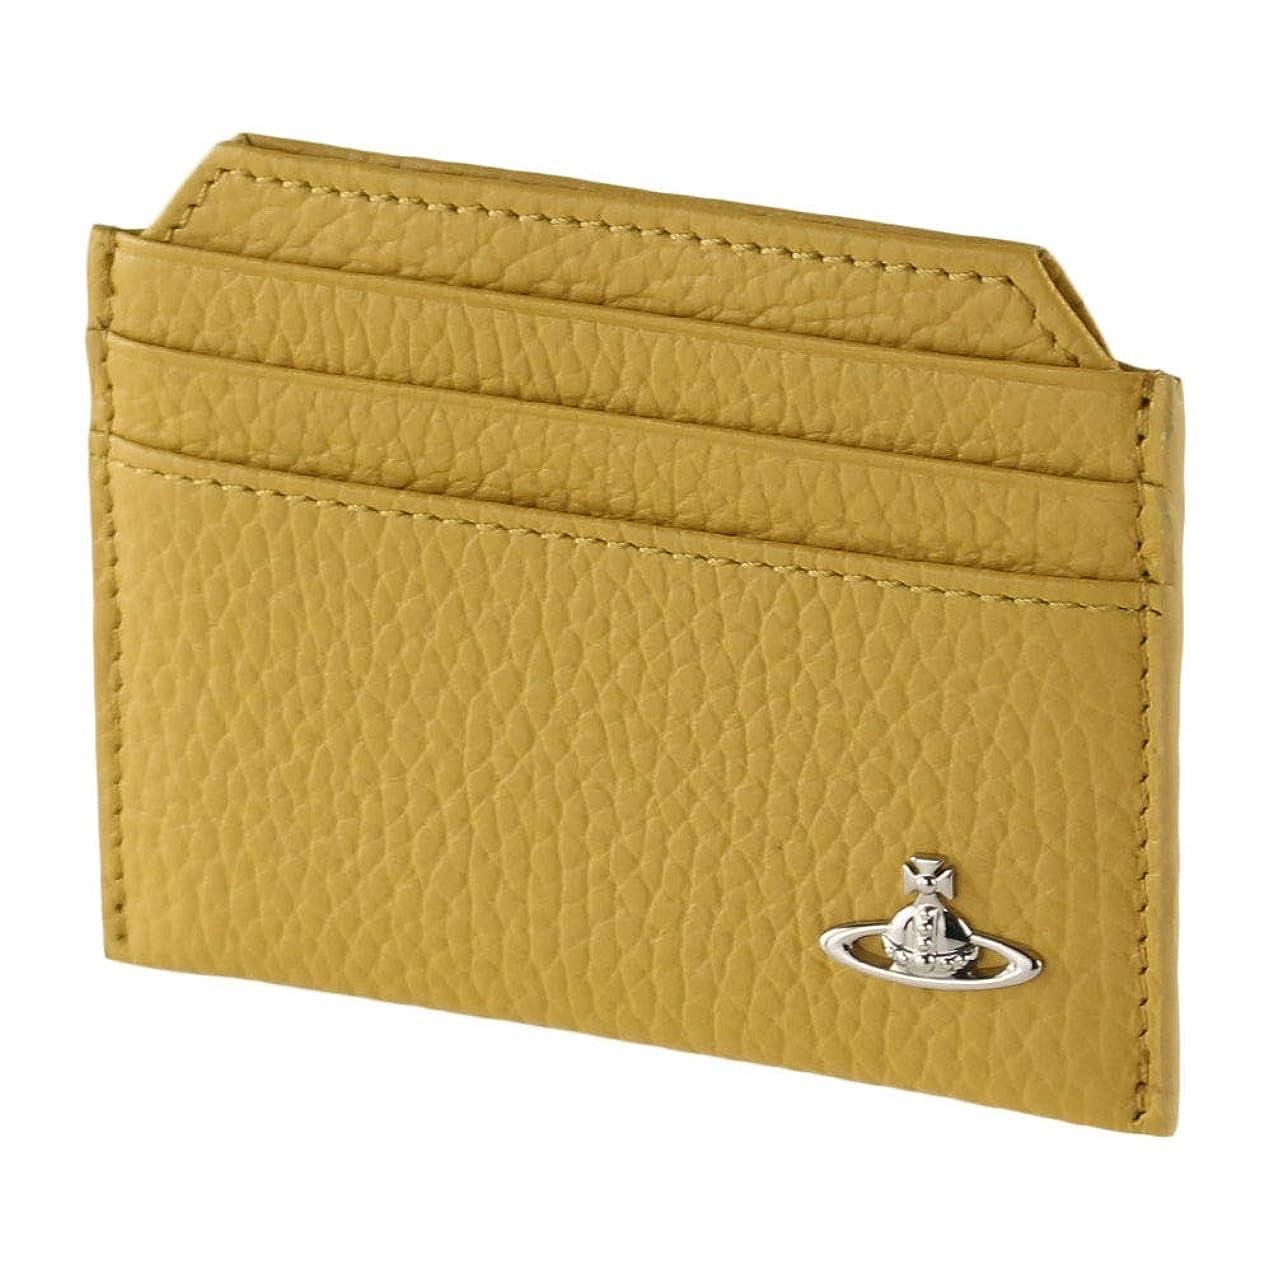 テープ真鍮偏心ヴィヴィアン VIVIENNE WESTWOOD ユニセックス カードケース 51110024-40739 NEW CREDIT CARD HOLDER [並行輸入品]